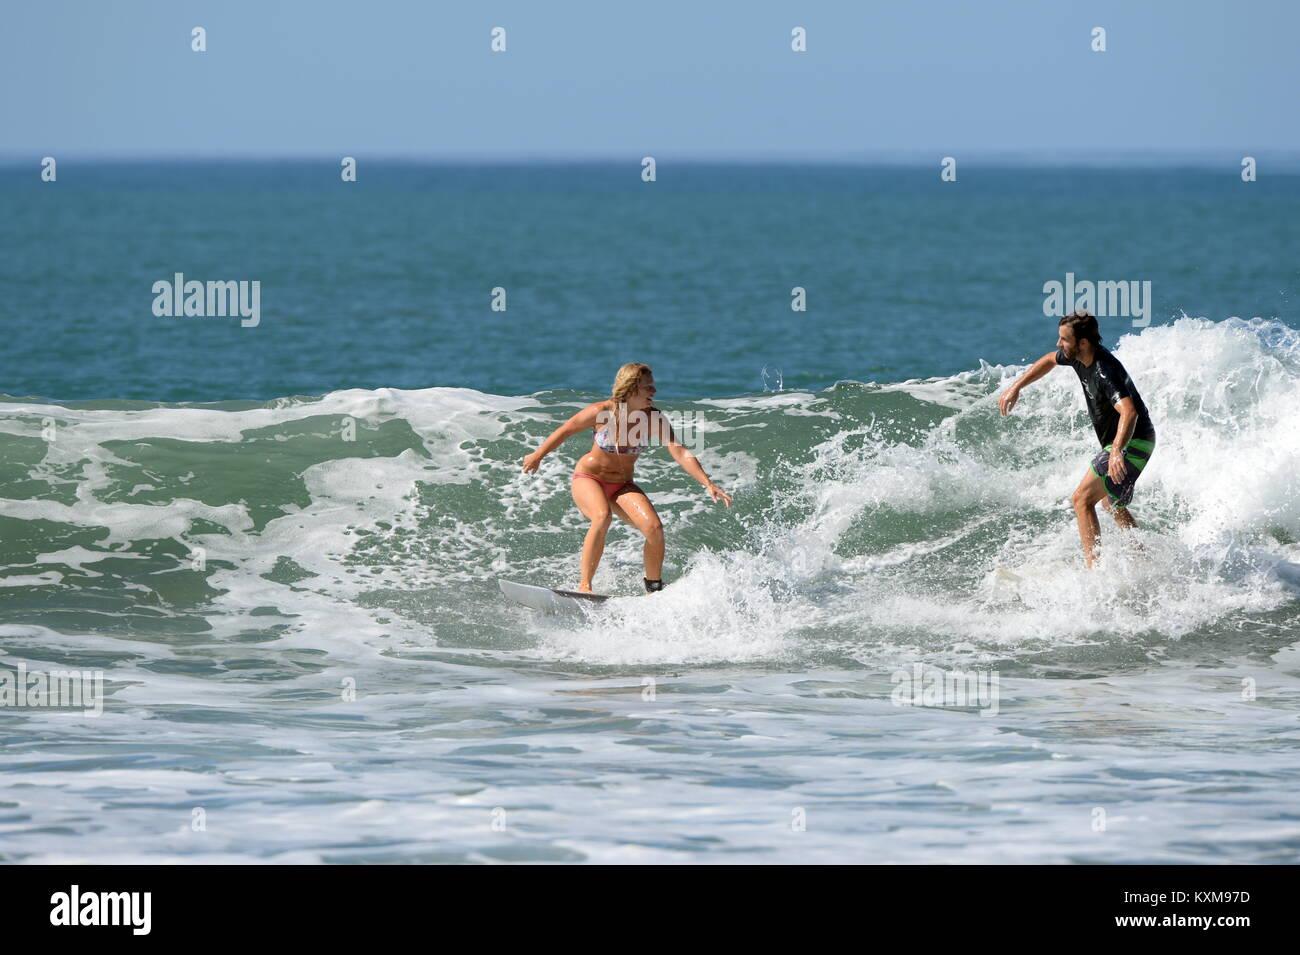 Surfen mit einem Freund (Sequenz 4) in Costa Rica - Neu engagiert Denise und Kris teilen eine Welle zusammen bei Stockfoto